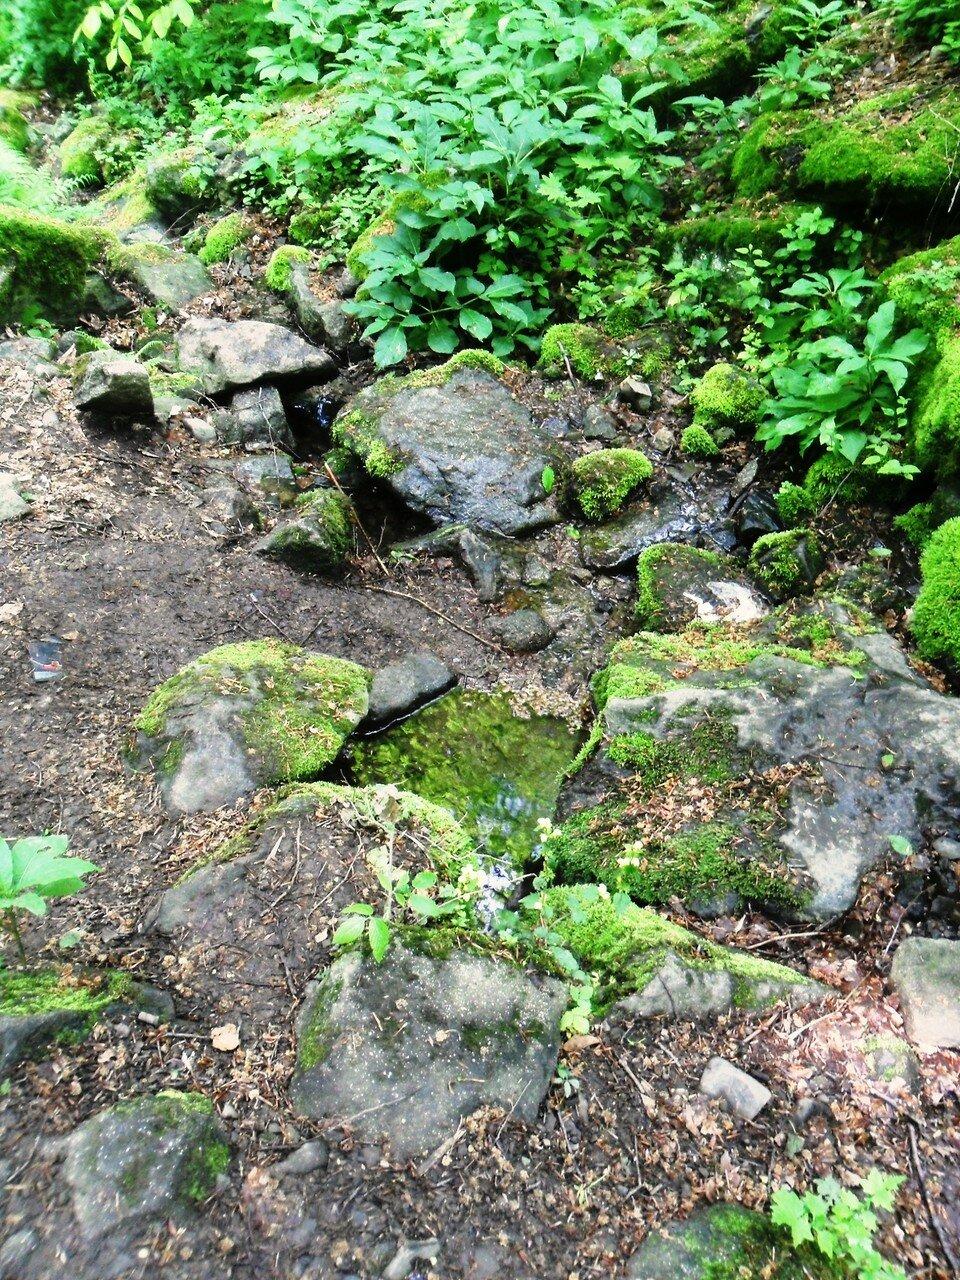 Камни, мхи, листья... в зелёном варианте мая ... SAM_7041.JPG